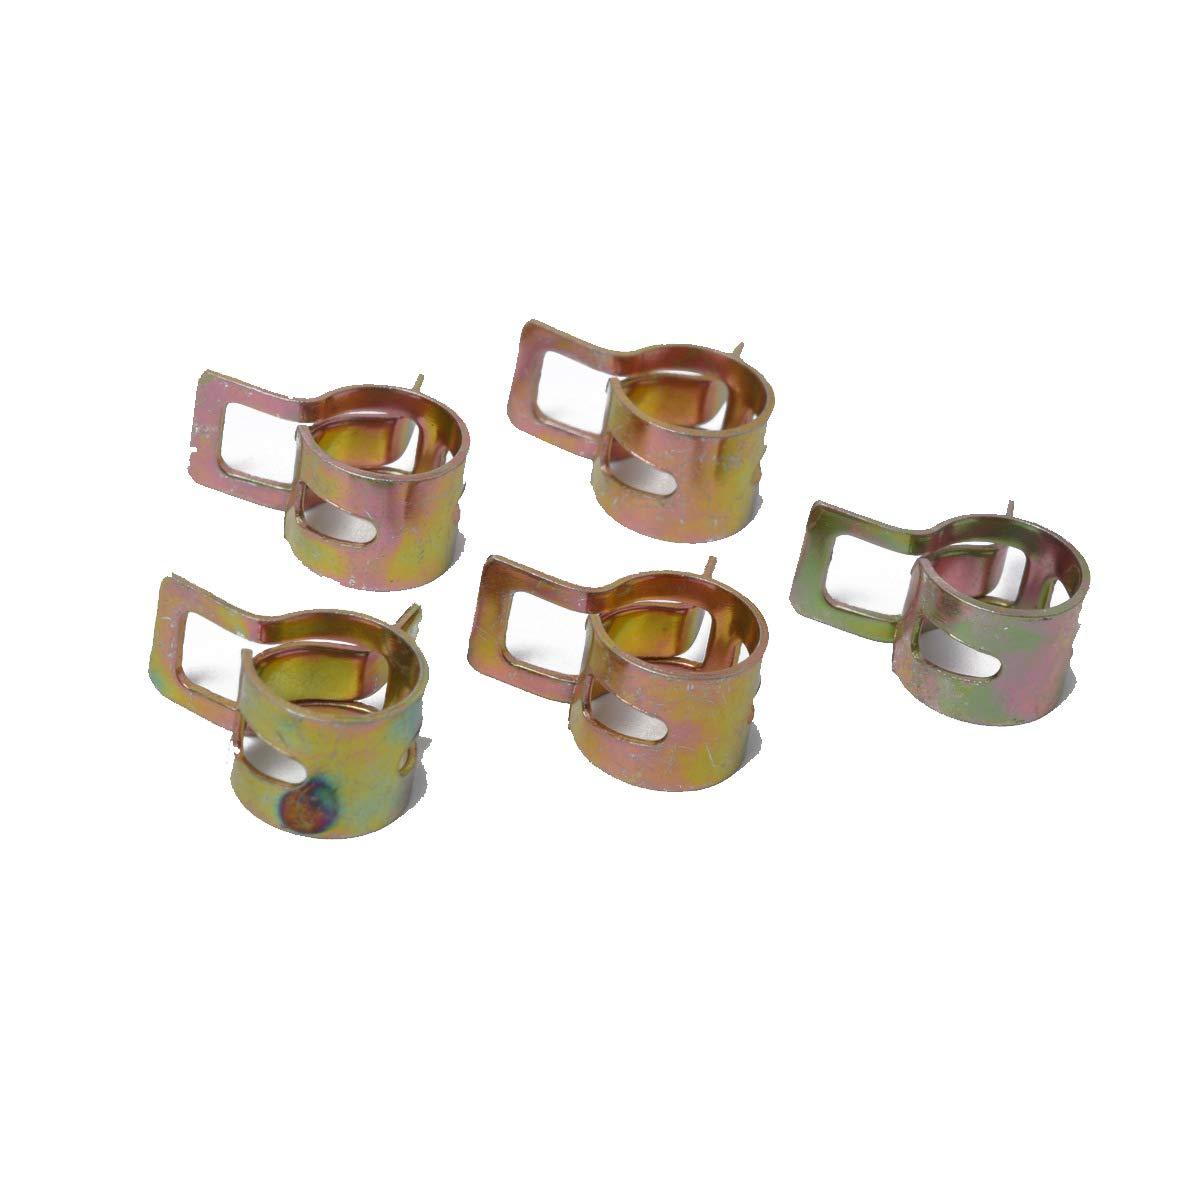 Amaoma 50 Pi/èces Clip /à Ressort 6mm,Pinces /à Ressort Serre-joints /à Tuyaux Colliers de Clip /à Ressort Tuyau Serrage Ajustable